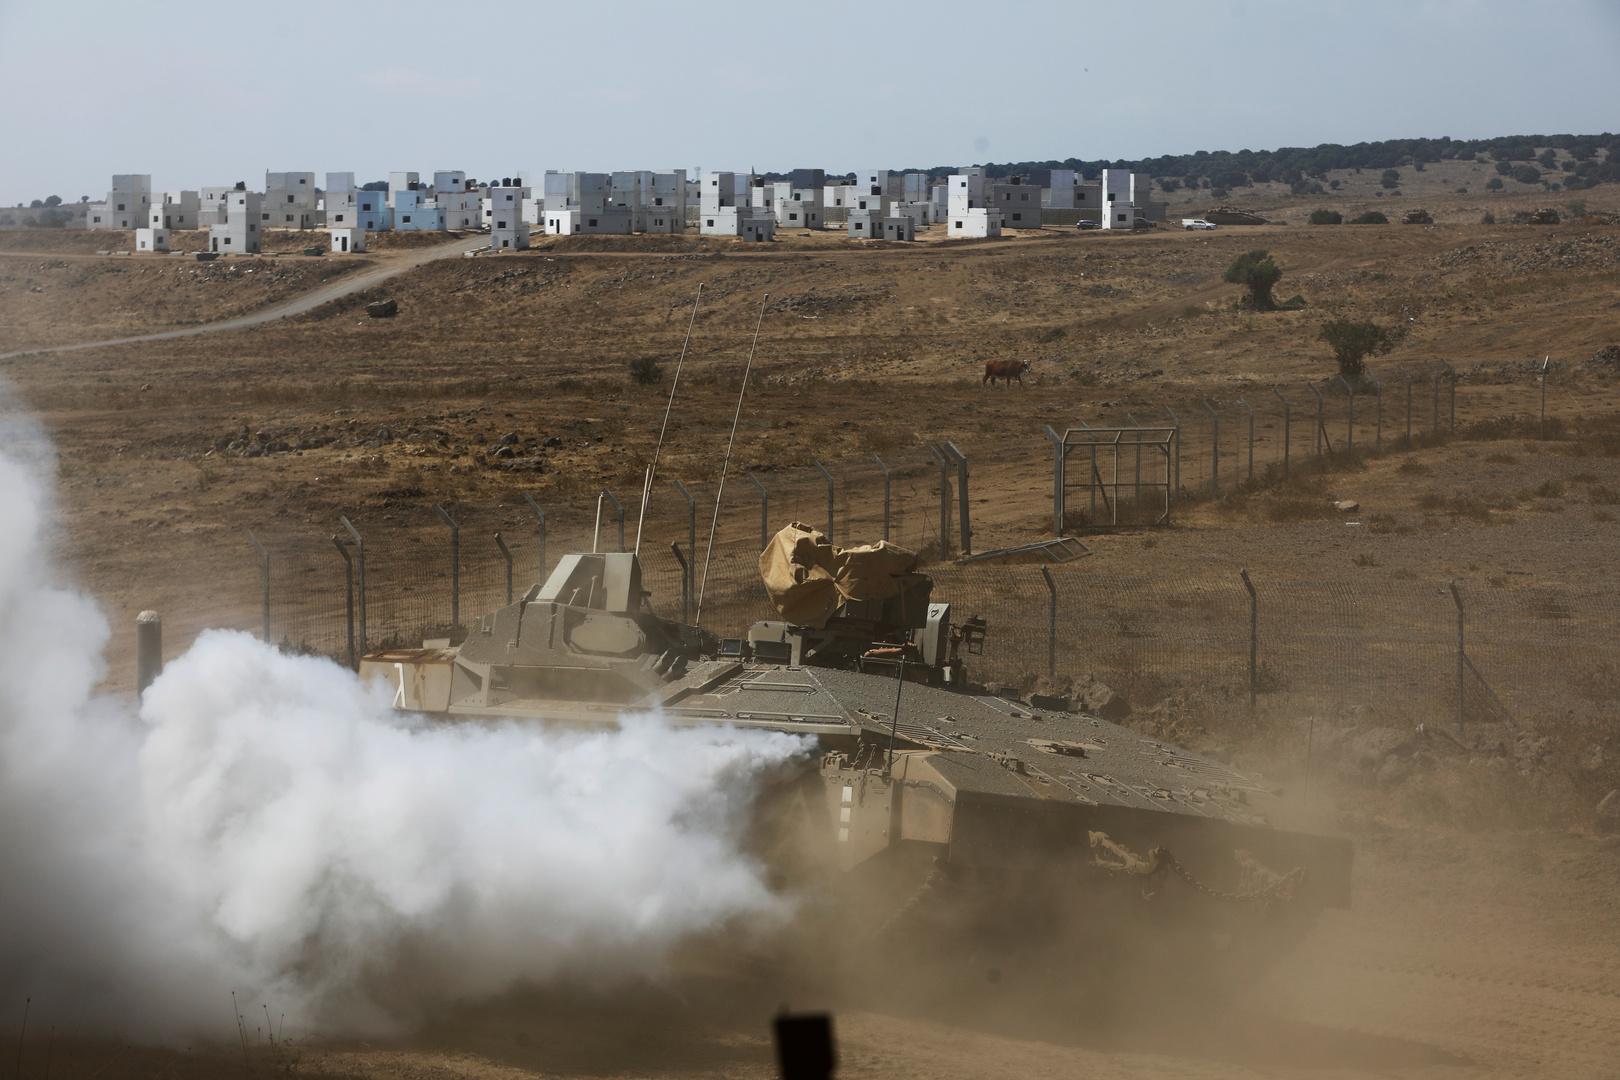 إسرائيل تقصف المنطقة الحدودية في جنوب لبنان ردا على إطلاق قذيفتين